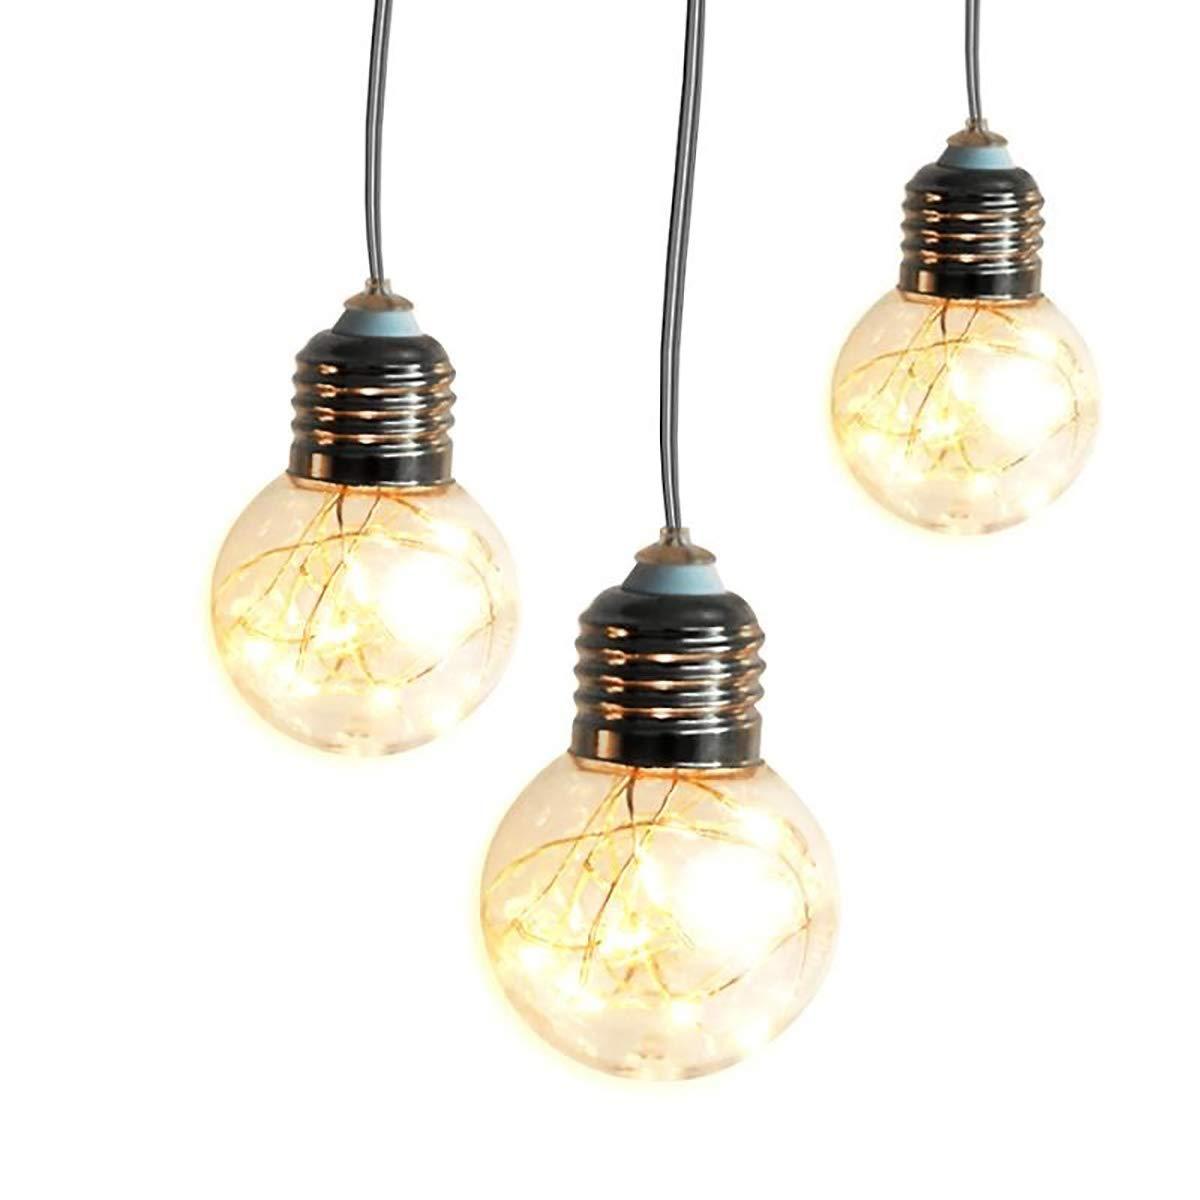 Chasgo LED Globe String Light Battery Powered With 10LED Bulbs, 6.8Ft LED Room Deor Light String For Bedroom Wedding Birthday Christmas Lights Decor, Warm White